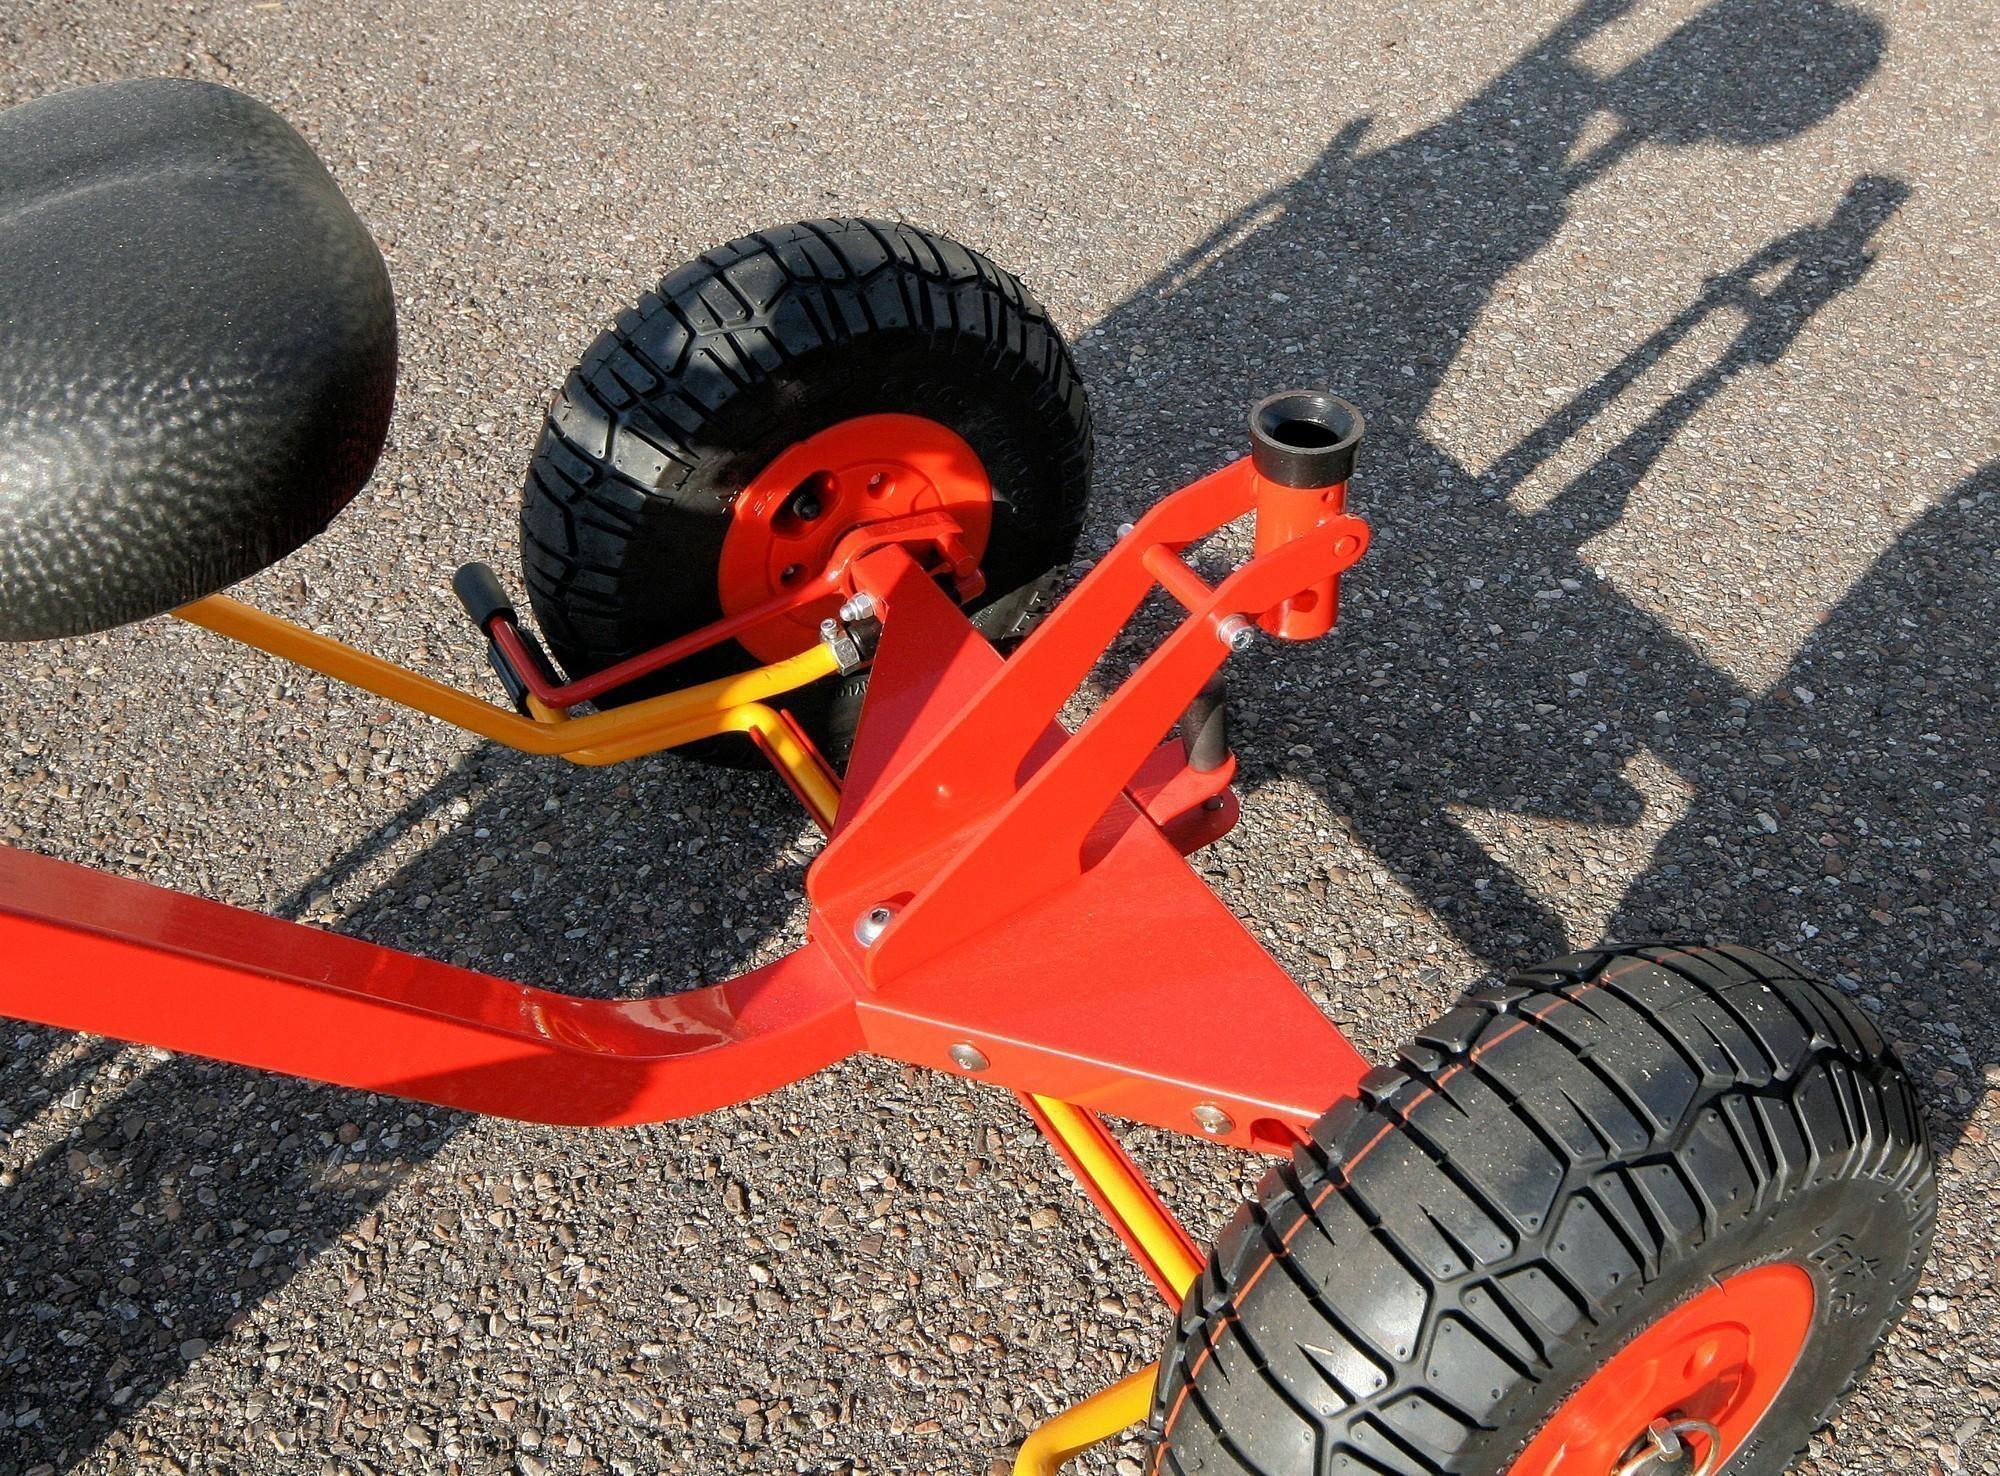 Eckla Sattelaufliegevorrichtung Dreirad für Eckla Bollerwagen Bild 2